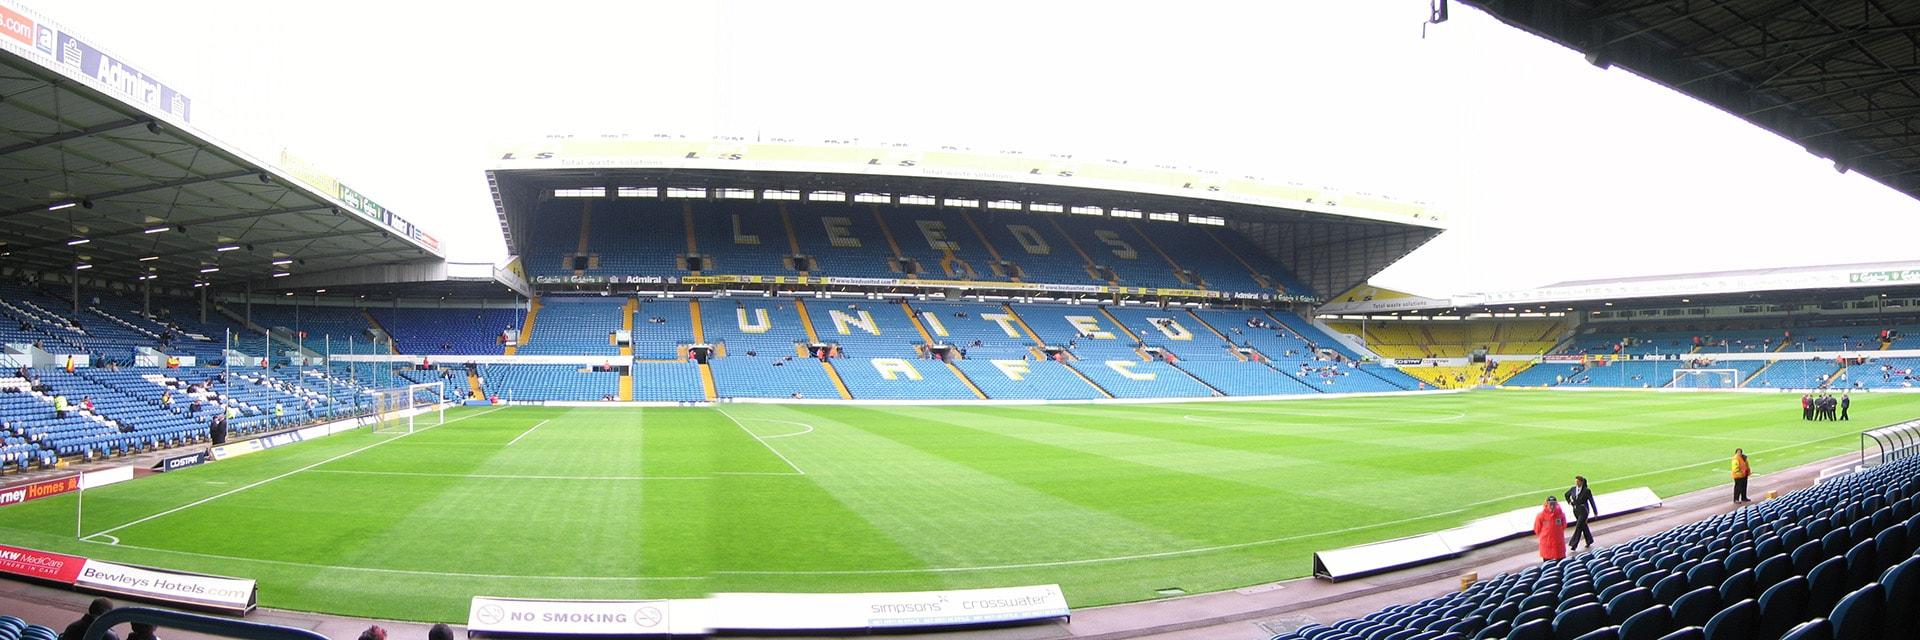 Leeds United - Queens Park Rangers, 6 novemberden 15:00